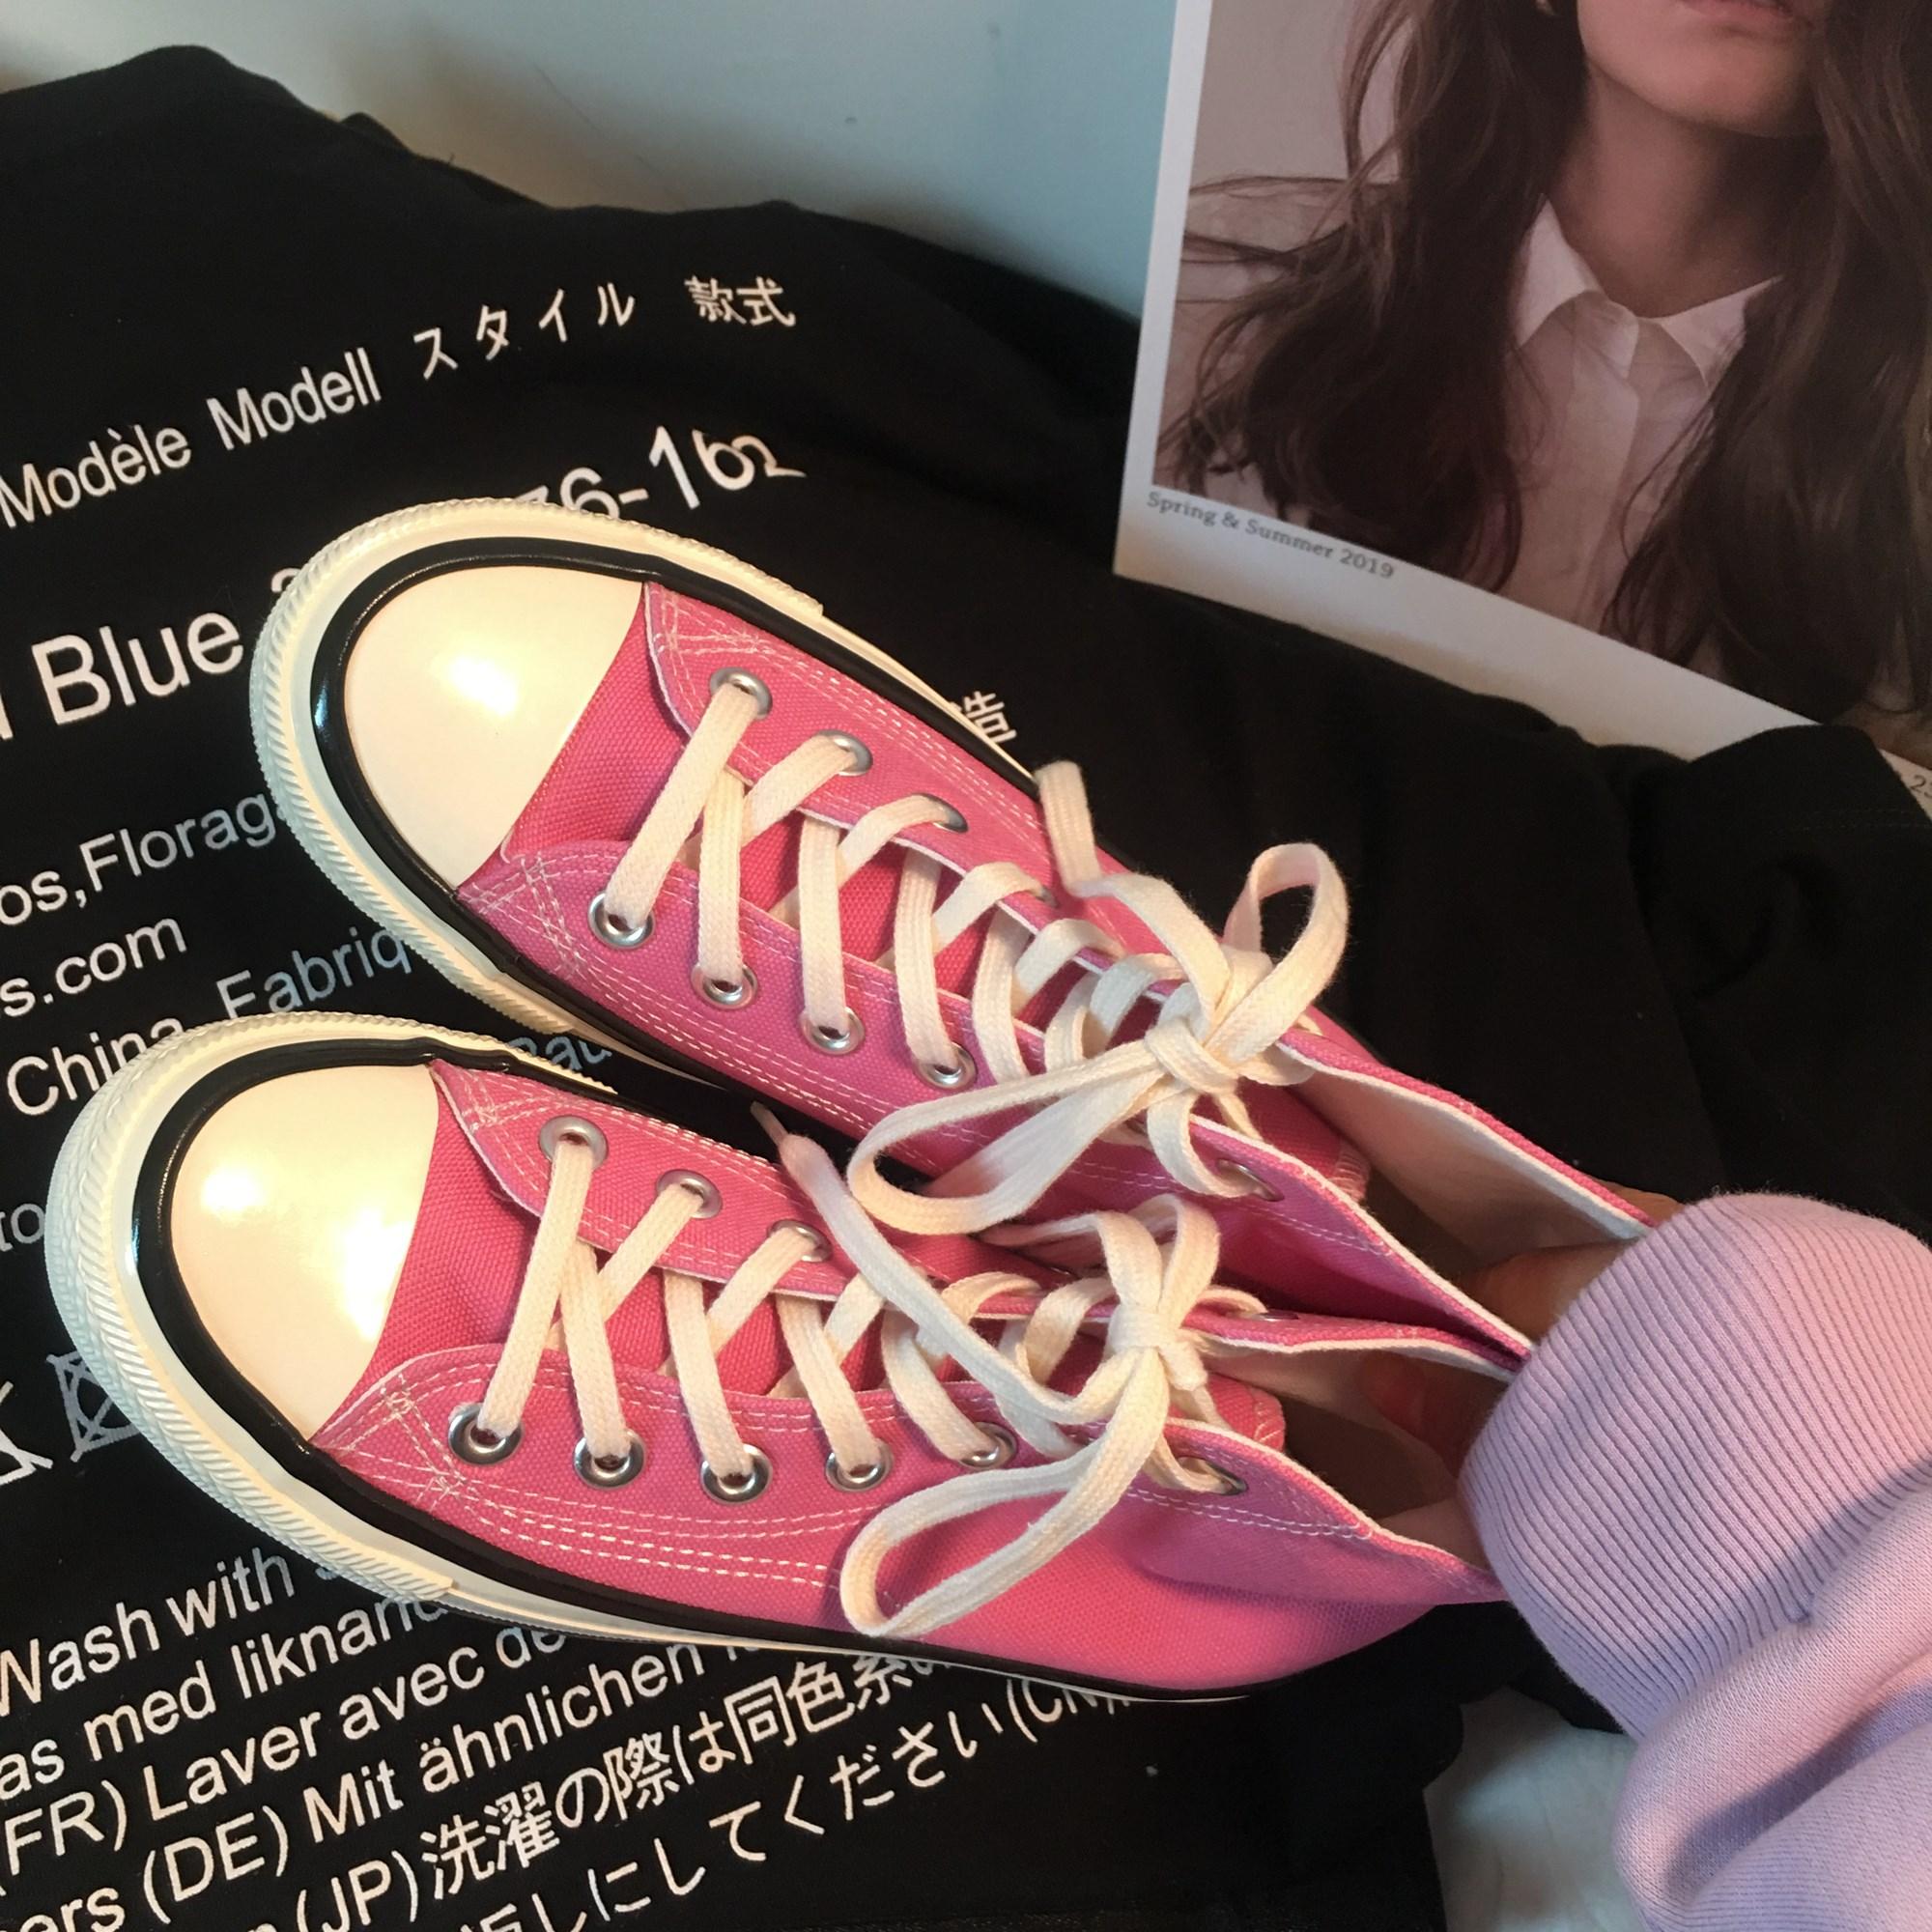 粉红色帆布鞋 江江欧巴2020百搭1970s粉红色帆布鞋女复古港味韩版新款ulzzang鞋_推荐淘宝好看的粉红色帆布鞋